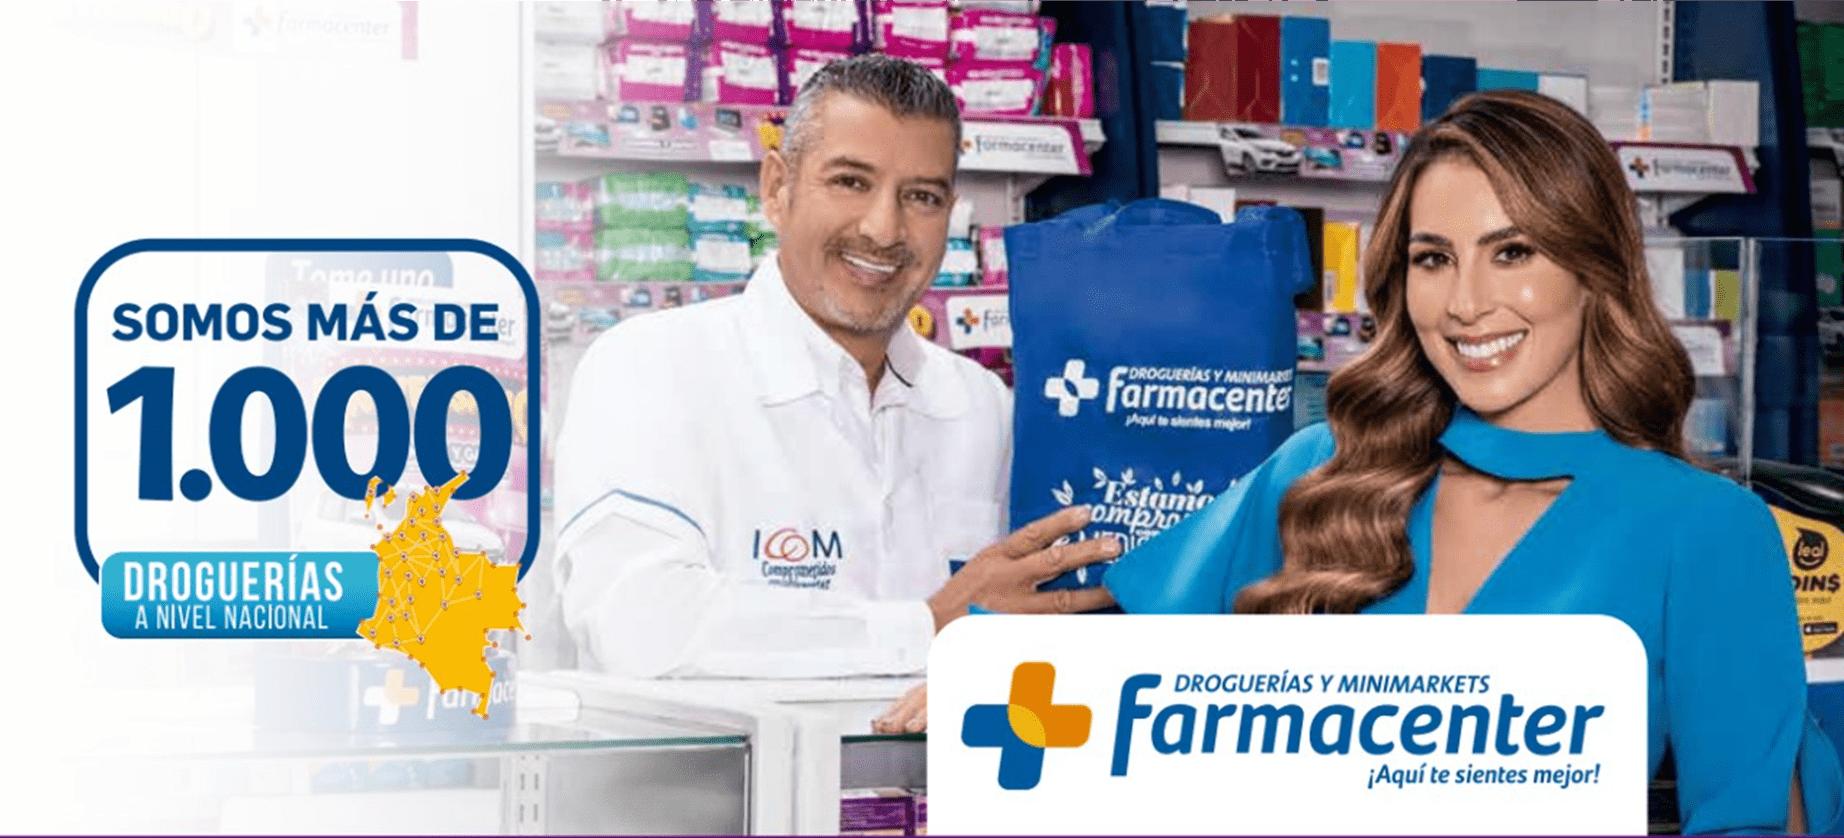 Imagen de Farmacenter en Colombia, Aniversario 2020